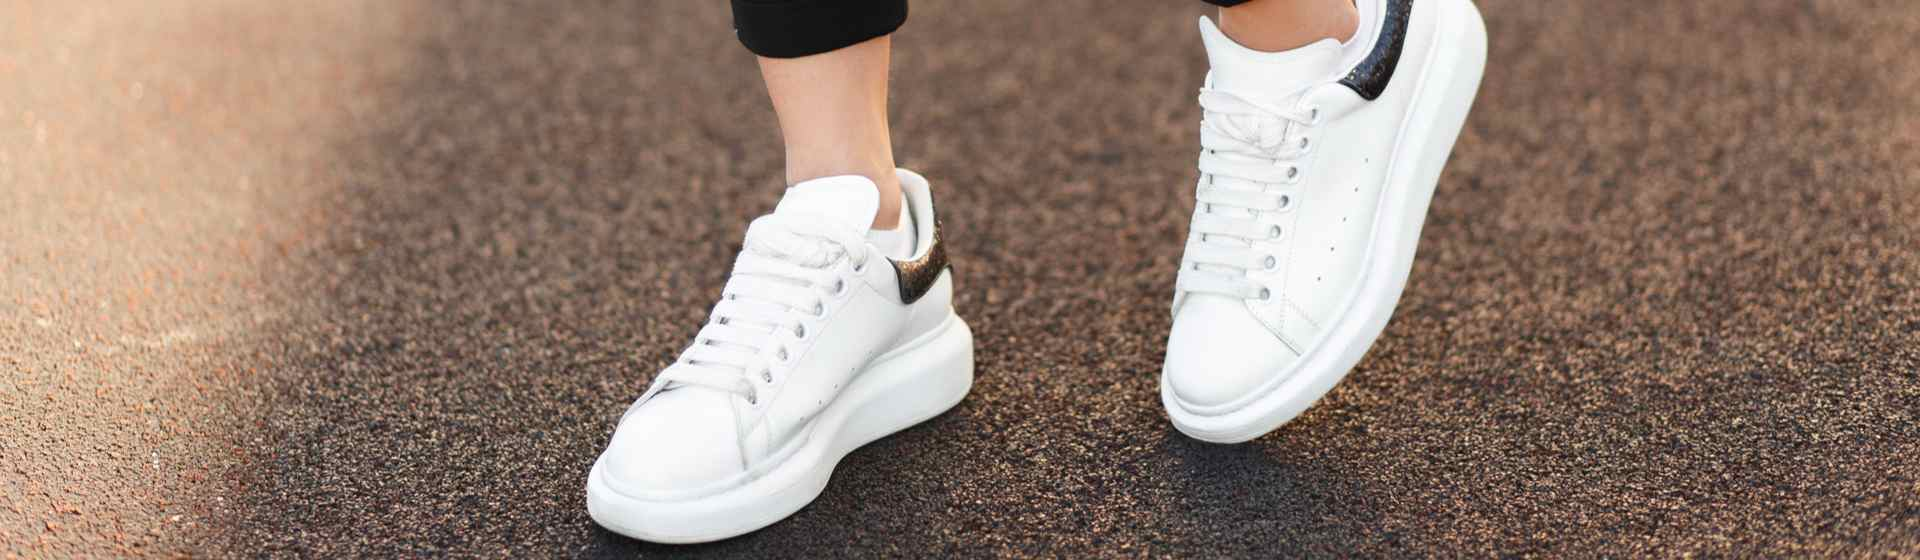 Tênis branco feminino: modelos para comprar em 2021